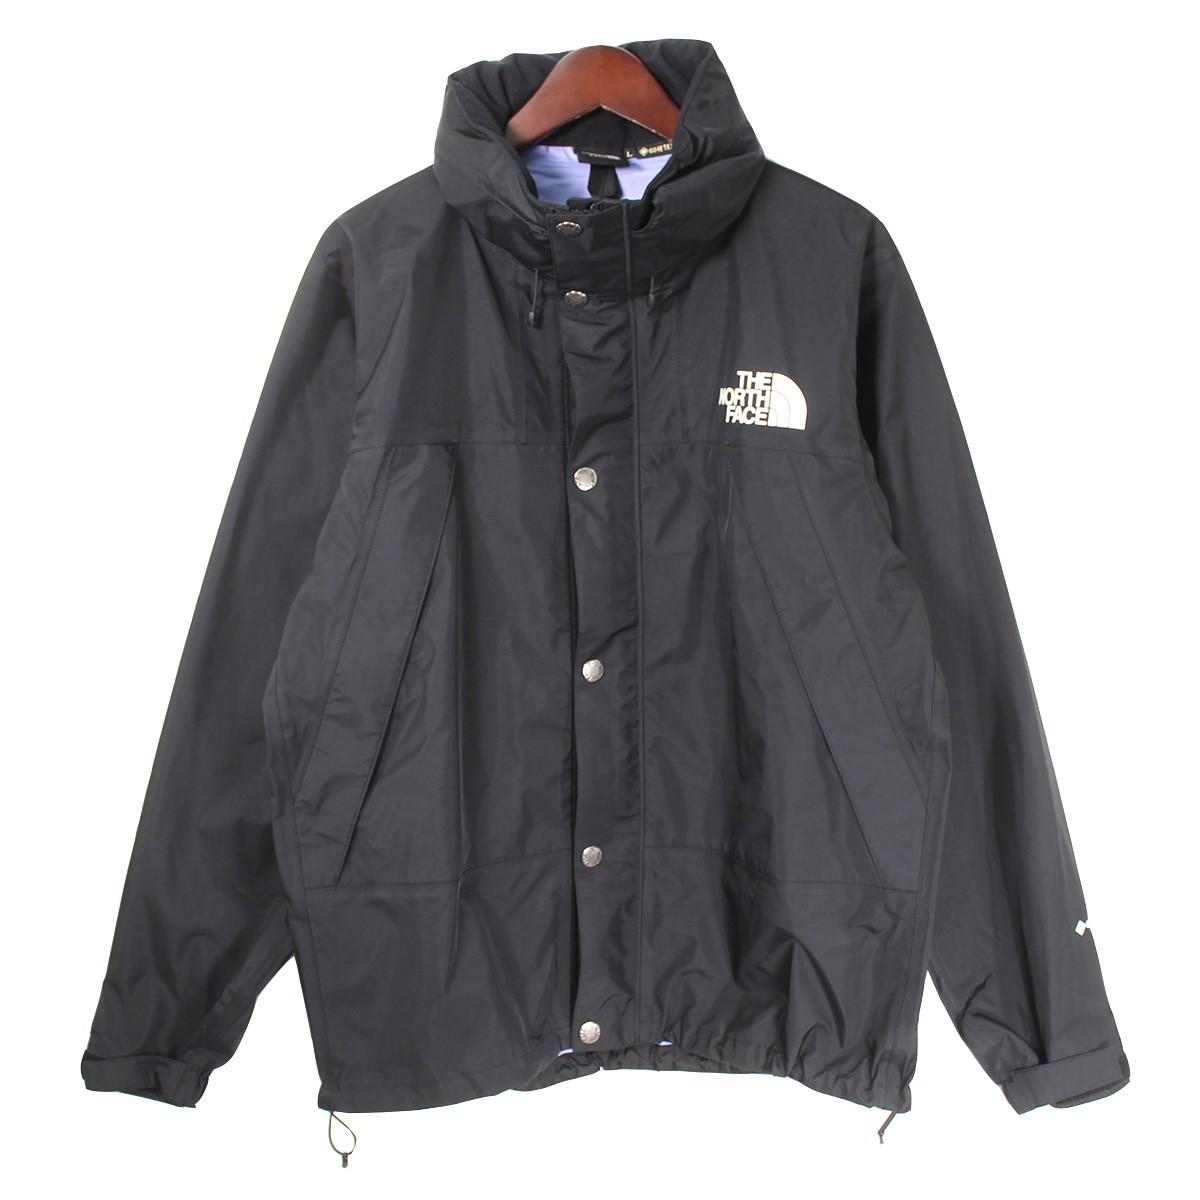 【中古】THE NORTH FACEMountain Raintex Jacket マウンテンレインテックスジャケット ブラック サイズ:L 【3月30日見直し】